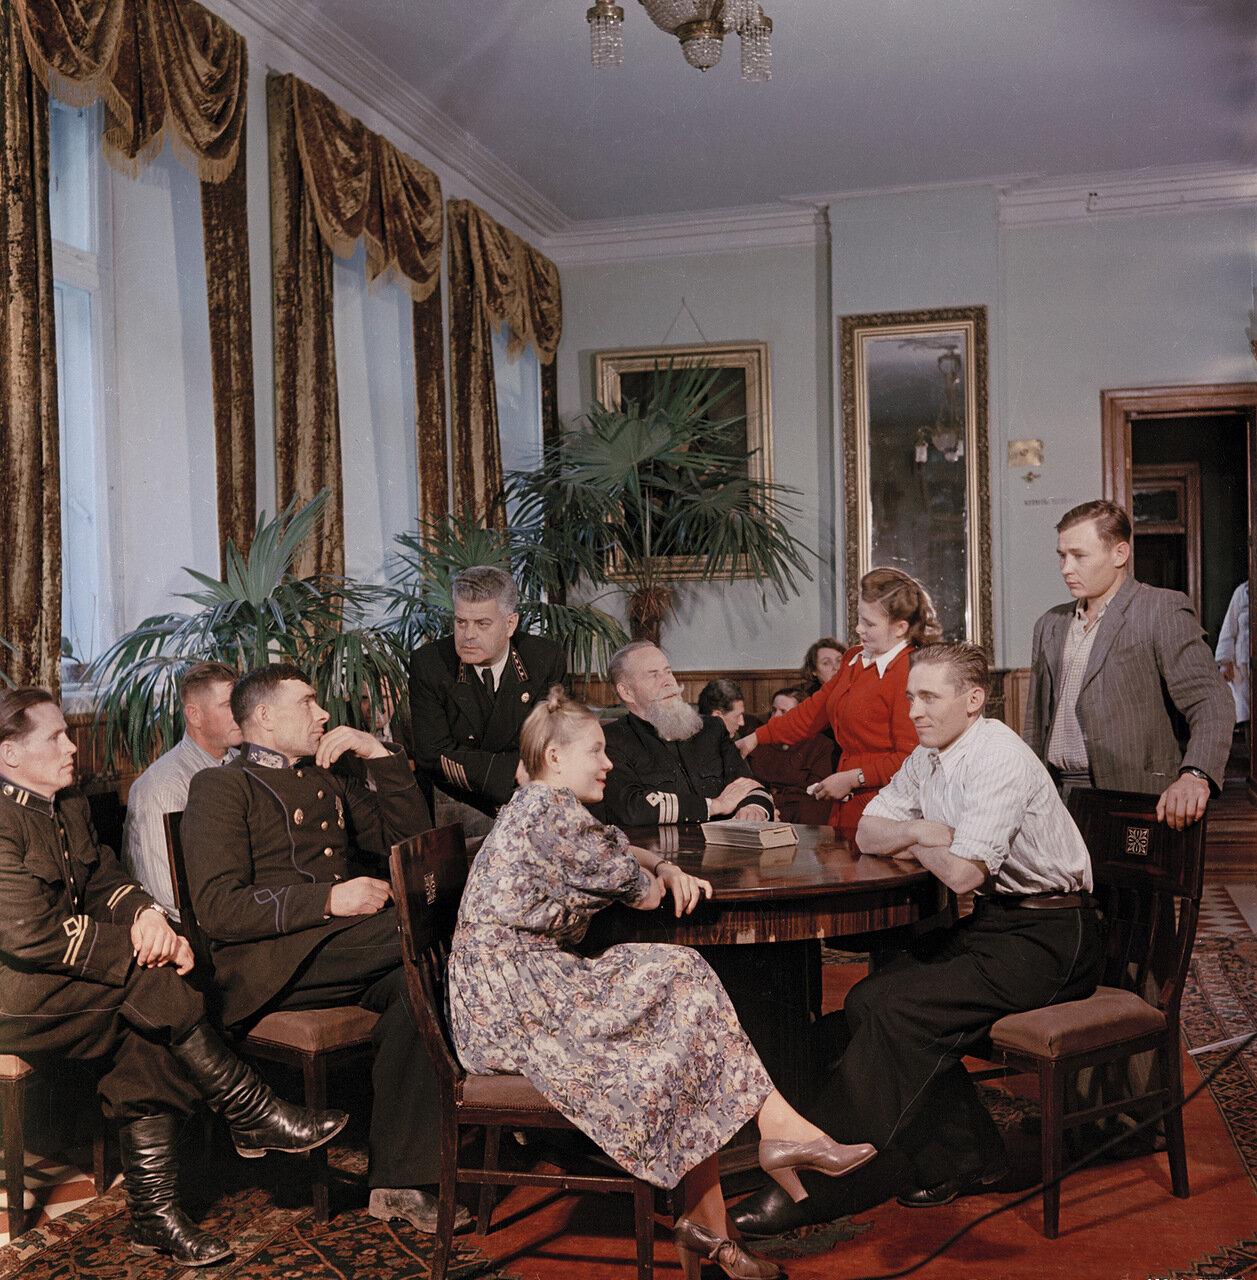 Подмосковный санаторий угольщиков в Михайловском. В одной из гостиных. 1951